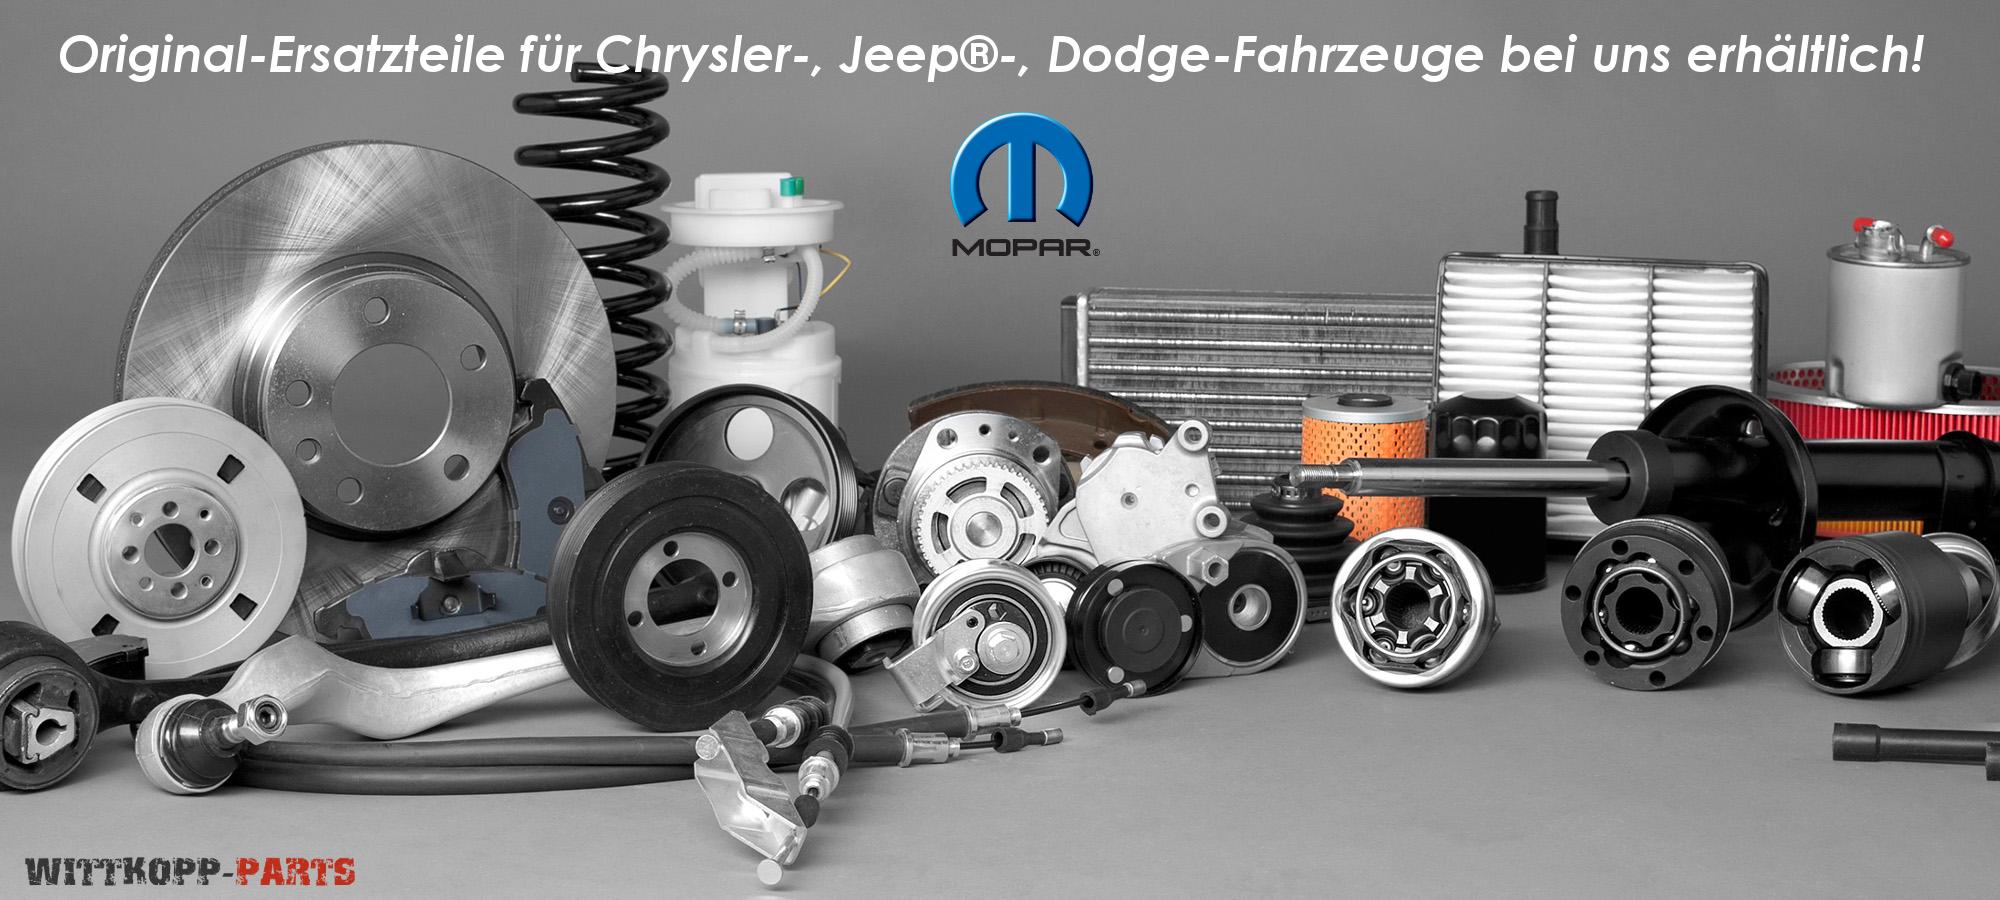 Original Ersatzteile für Chrysler, Jeep®, Dodge